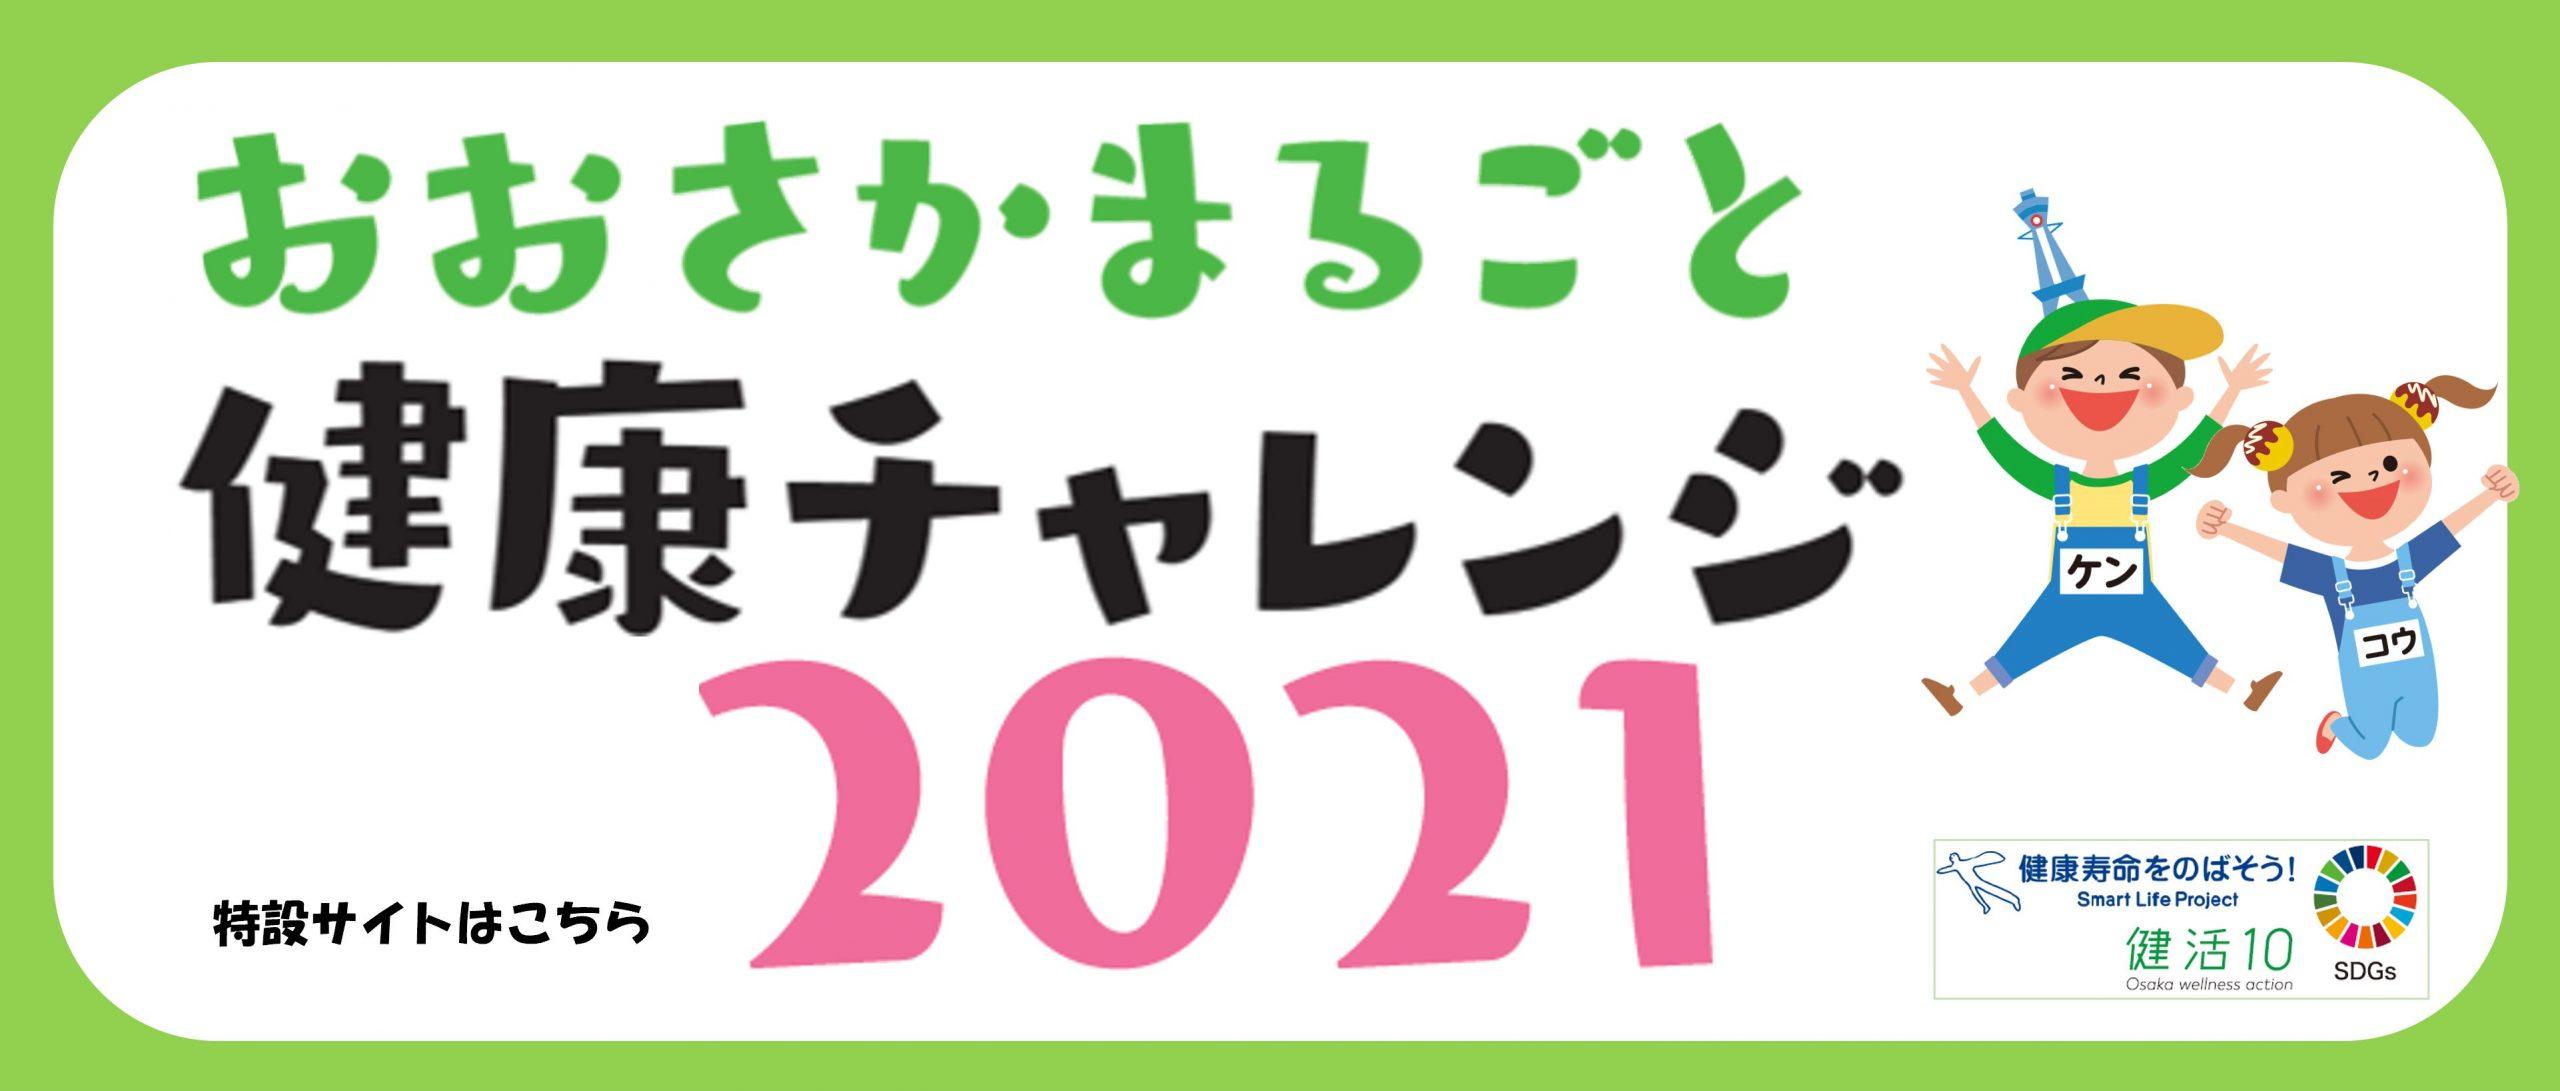 おおさかまるごと健康チャレンジ2021